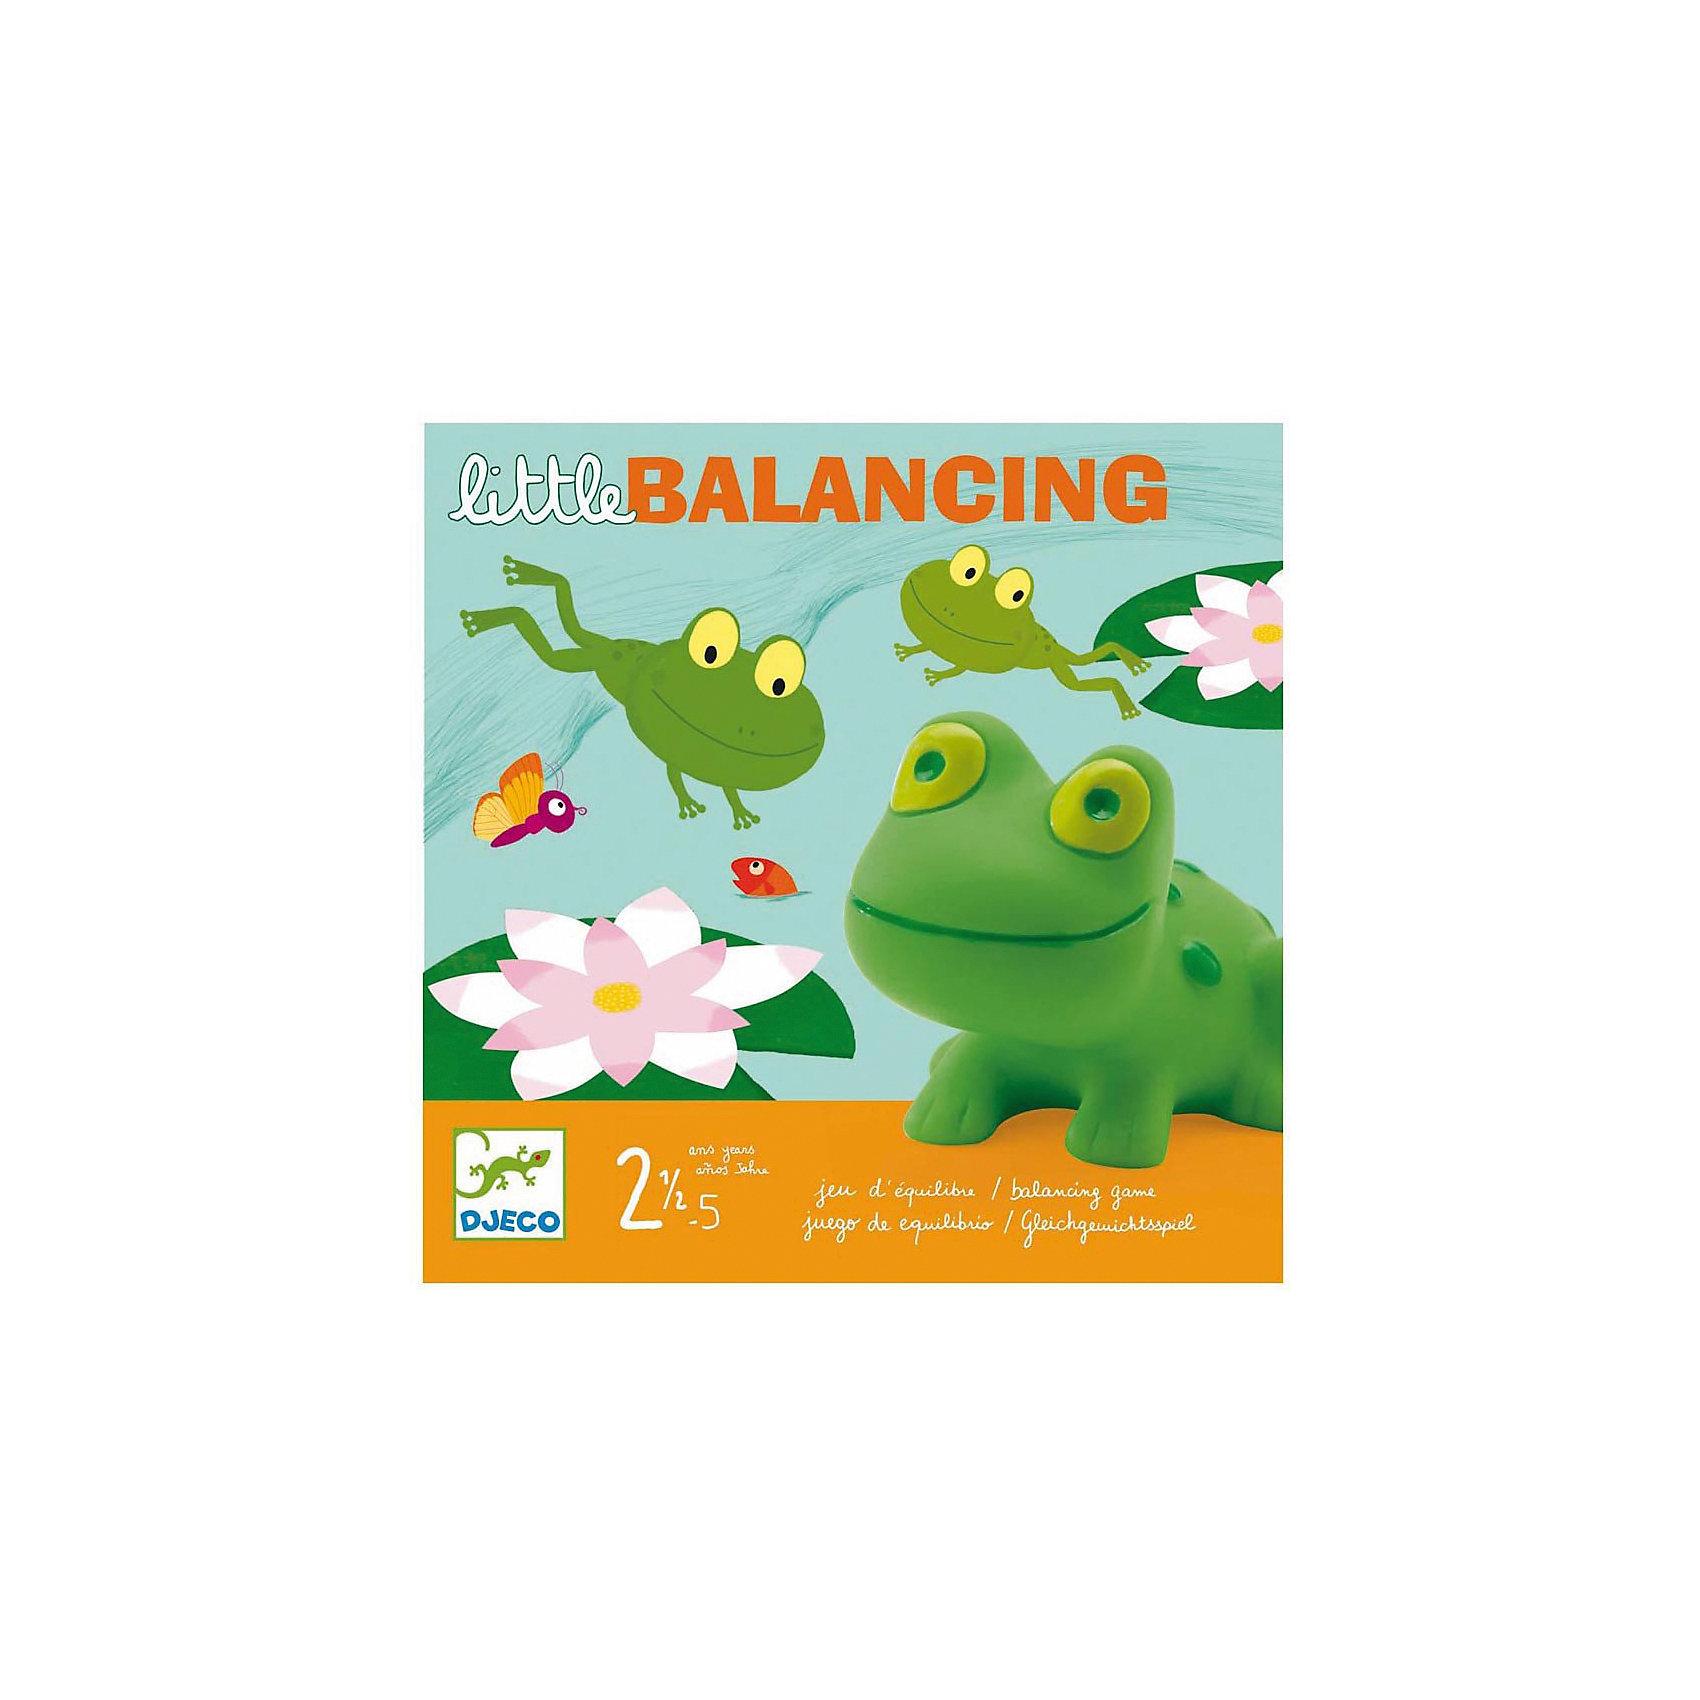 Настольная игра Лягушачий балансир, DJECOИгры для развлечений<br>Увлекательная настольная игра Лягушачий балансир DJECO идеально подходит для совместного времяпрепровождения с ребенком. В наборе игровое поле-пруд, где прыгают забавные зеленые лягушата, нужно помочь им забраться на кувшинки. Игра очень азартная, способствует концентрации внимания, аккуратности и ловкости. <br><br>Дополнительная информация:<br><br>- В комплект входит: игровое поле, карточки-кувшинки, лягушата.<br>- Материал: ПВХ, картон.<br>- Размер упаковки: 21,5 х 21,5 х 5 см.<br>- Вес: 0.560 кг. <br><br>Настольную игру Лягушачий балансир DJECO можно купить в нашем магазине.<br><br>Ширина мм: 220<br>Глубина мм: 220<br>Высота мм: 50<br>Вес г: 560<br>Возраст от месяцев: 24<br>Возраст до месяцев: 60<br>Пол: Унисекс<br>Возраст: Детский<br>SKU: 3193449